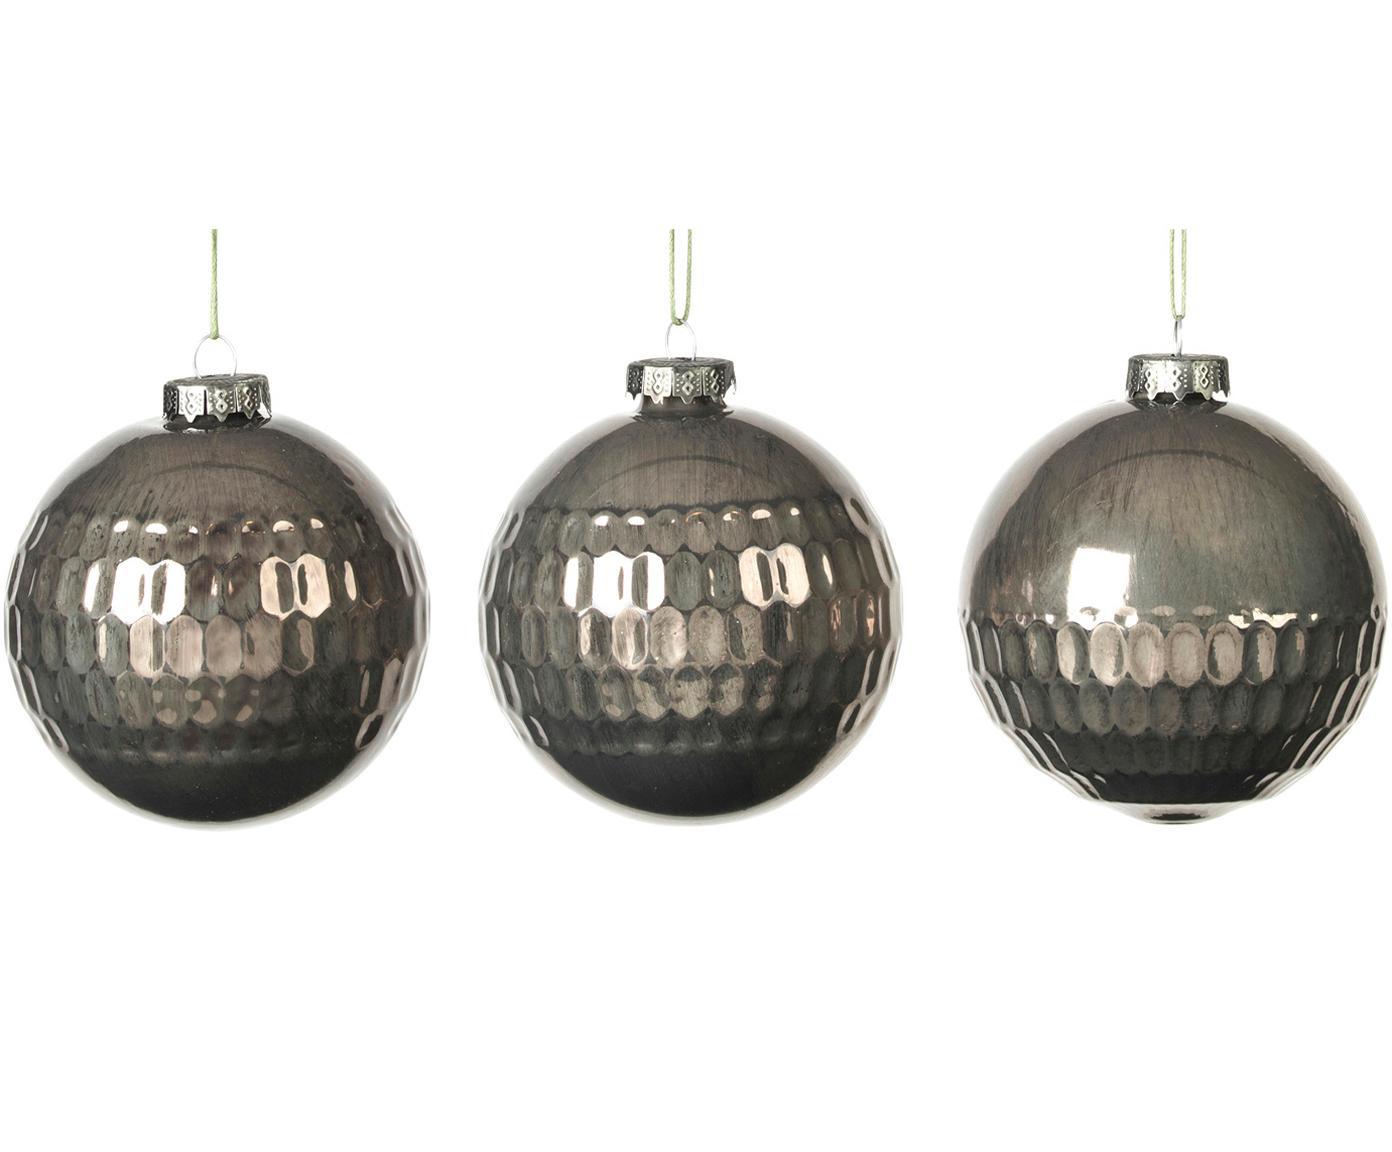 Kerstballenset Grafik, 3-delig, Donkergroen, Ø 8 x H 8 cm